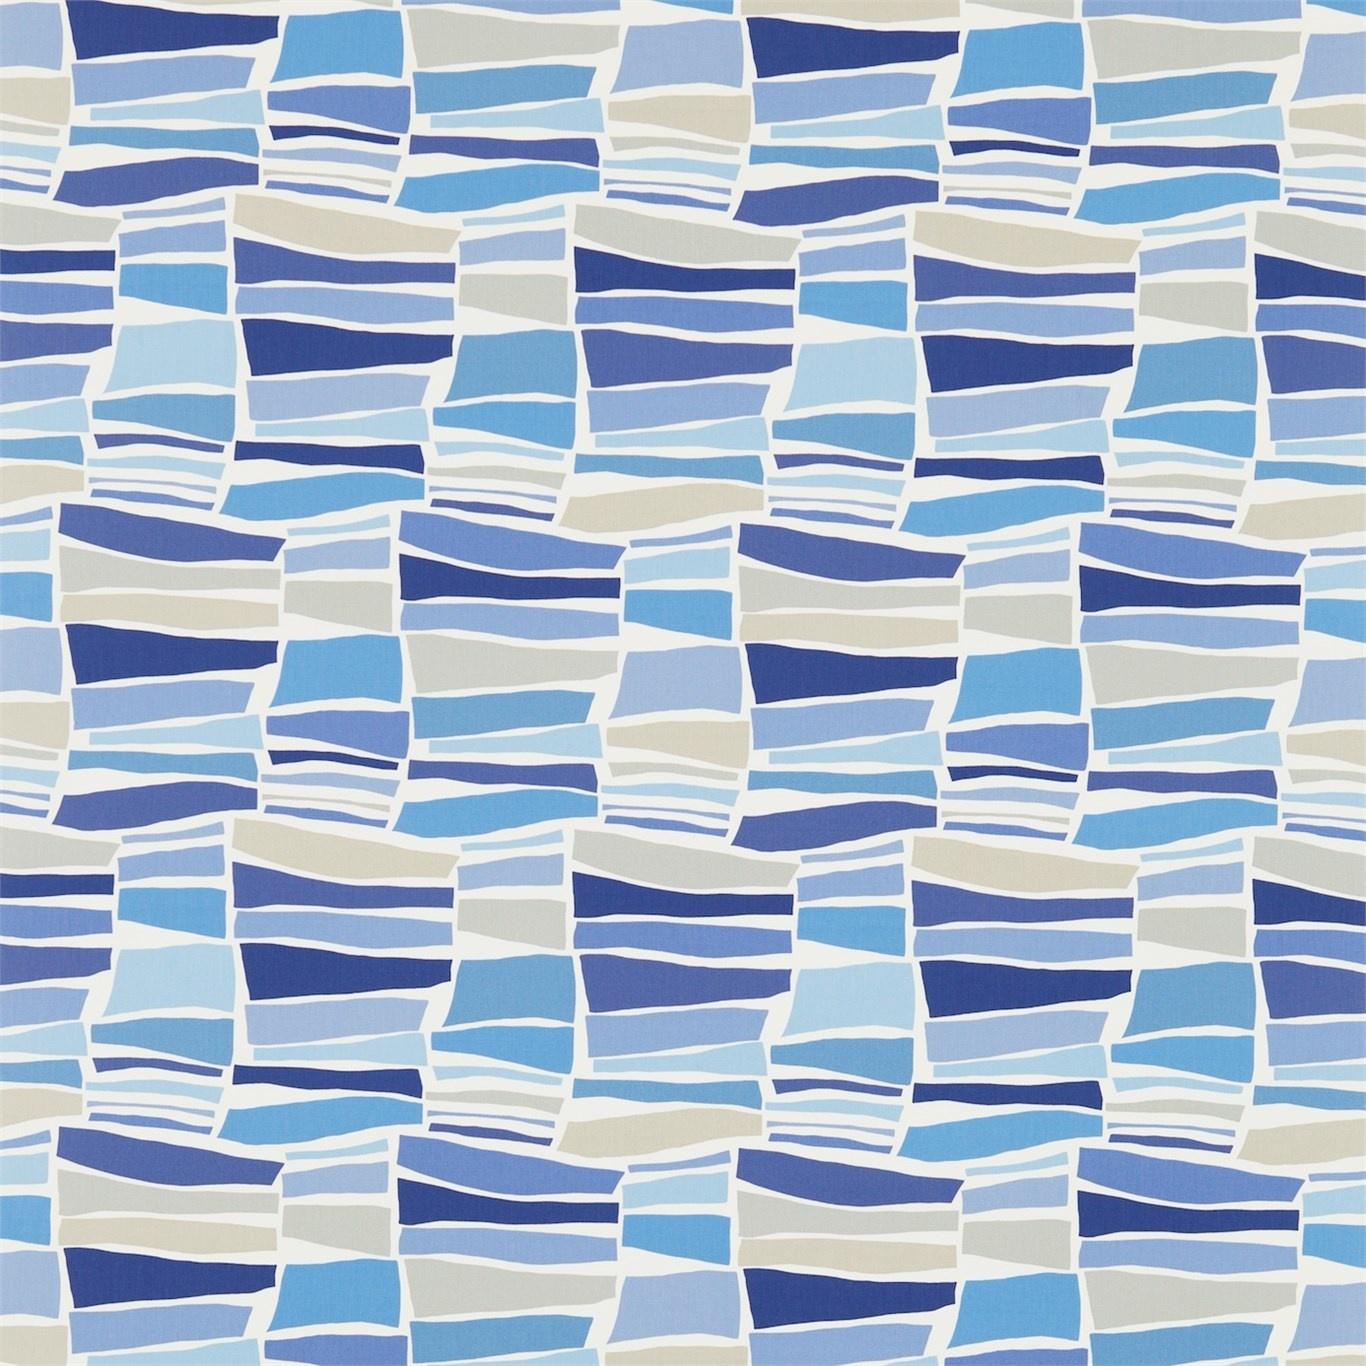 Image of Sanderson Milla Marine/Multi Fabric 224629